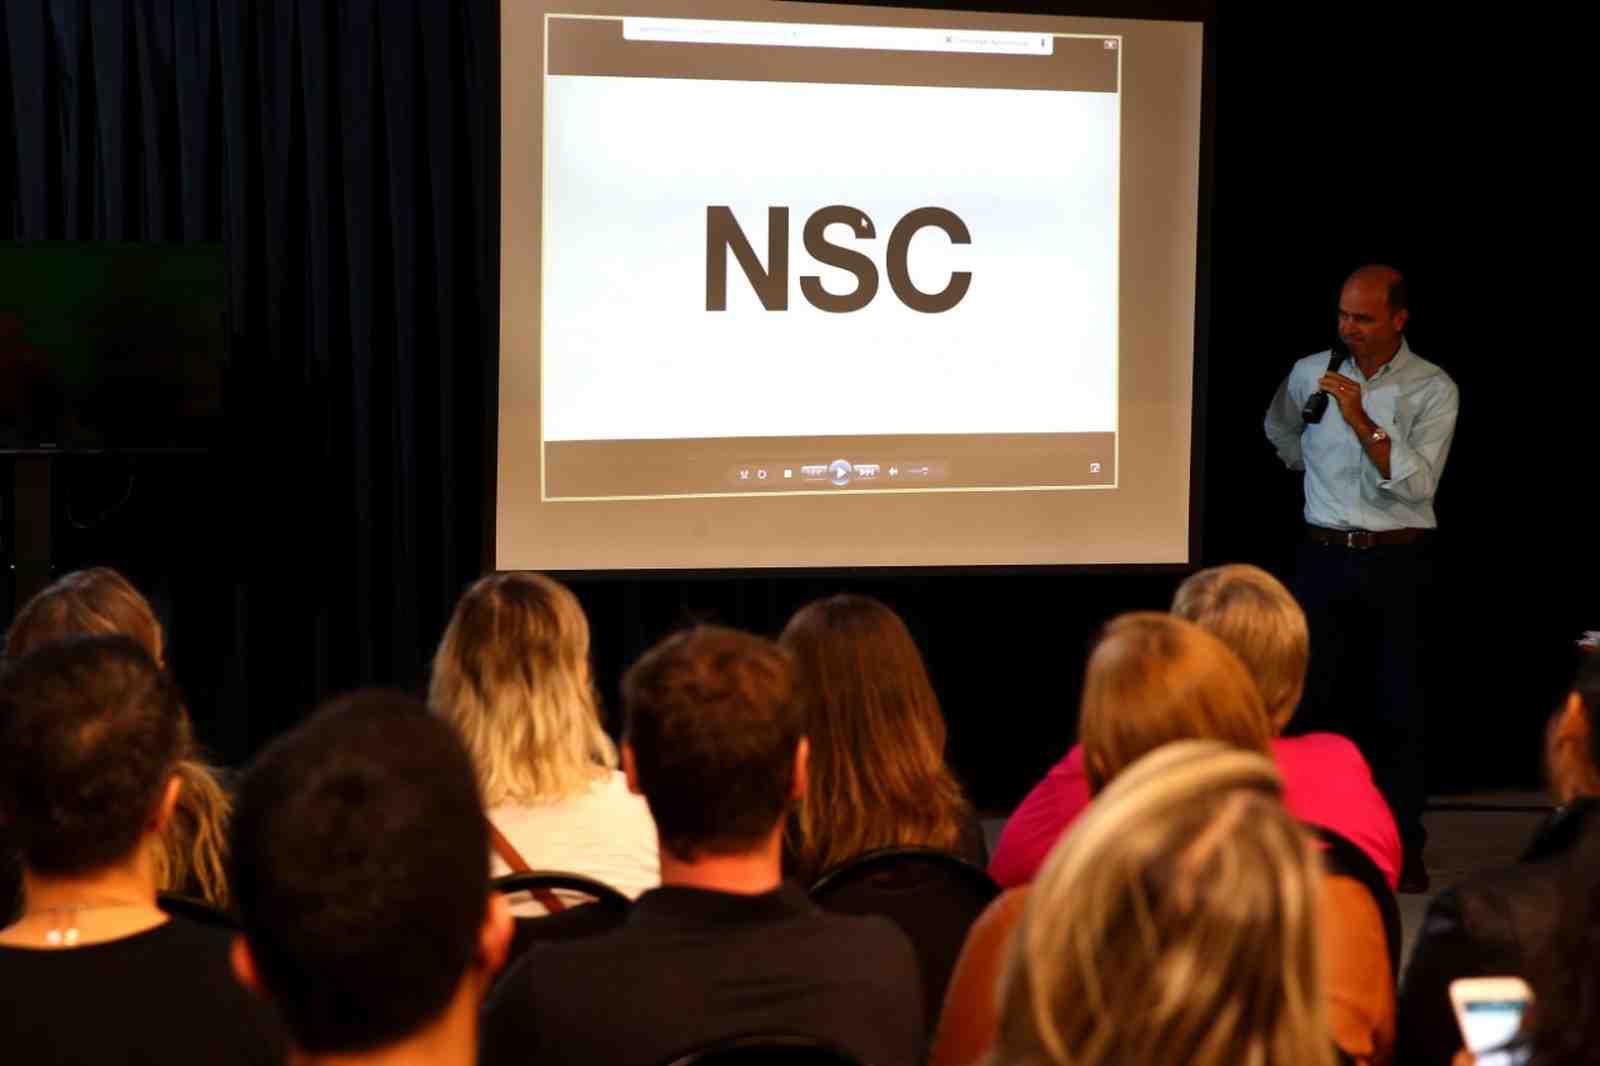 NSC será o novo nome da TV de Santa Catarina (Foto: RBS TV/Divulgação)